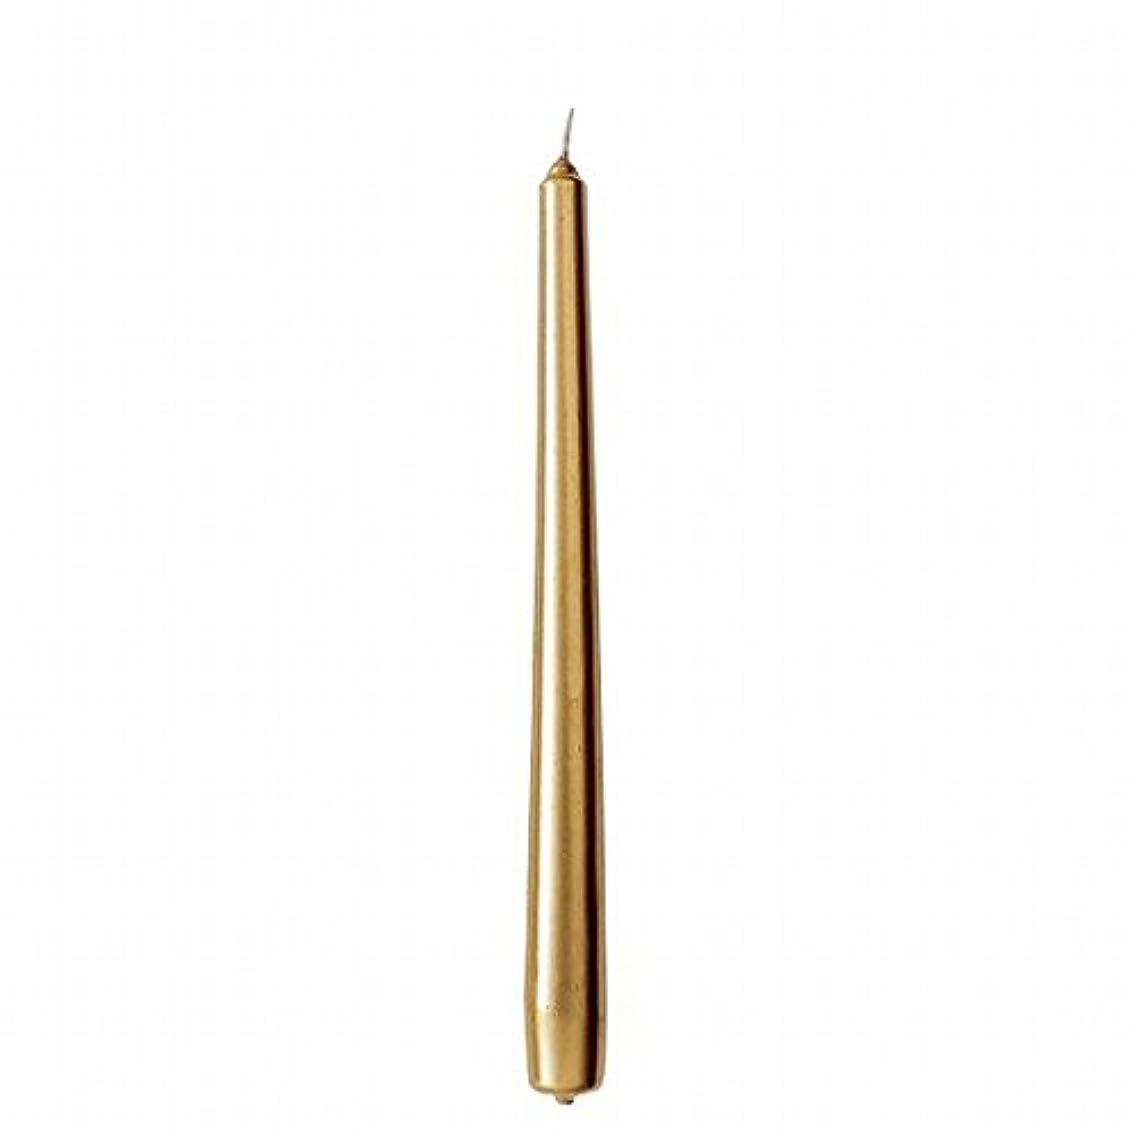 カメヤマキャンドル(kameyama candle) 10インチテーパー 「 ゴールド 」 12本入り